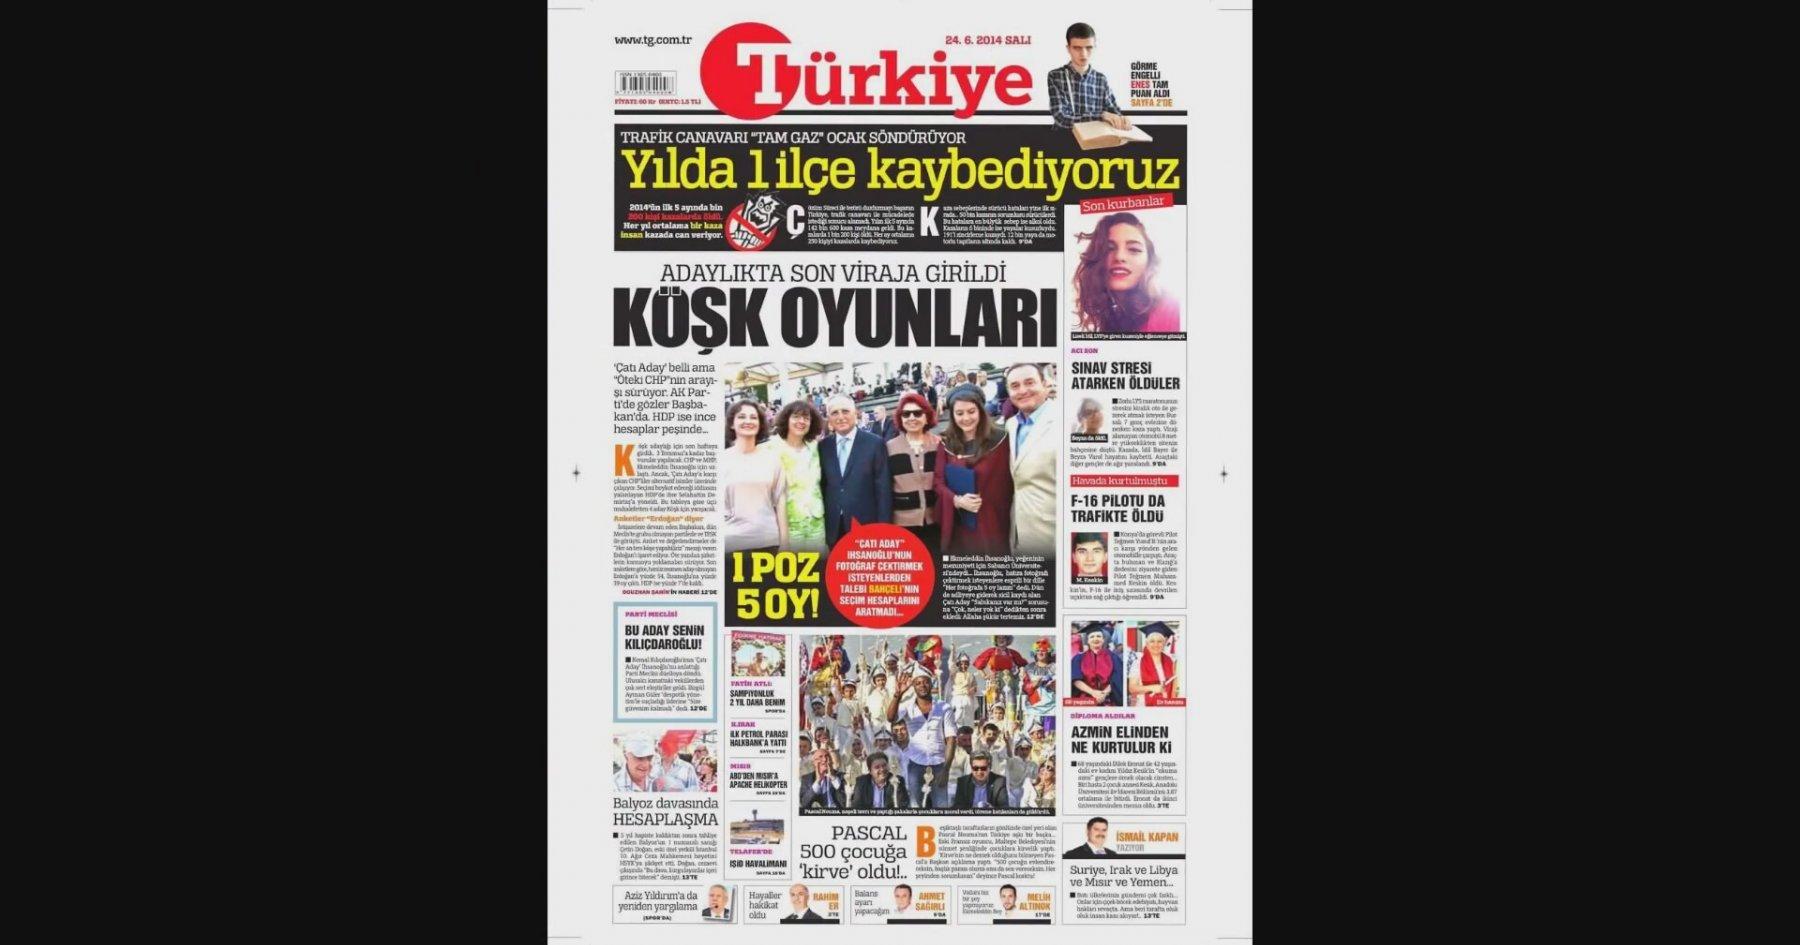 Gazete Keyfi - Gazete Oku (24.06.2014 Gazete Manşetleri) | İzlesene.com